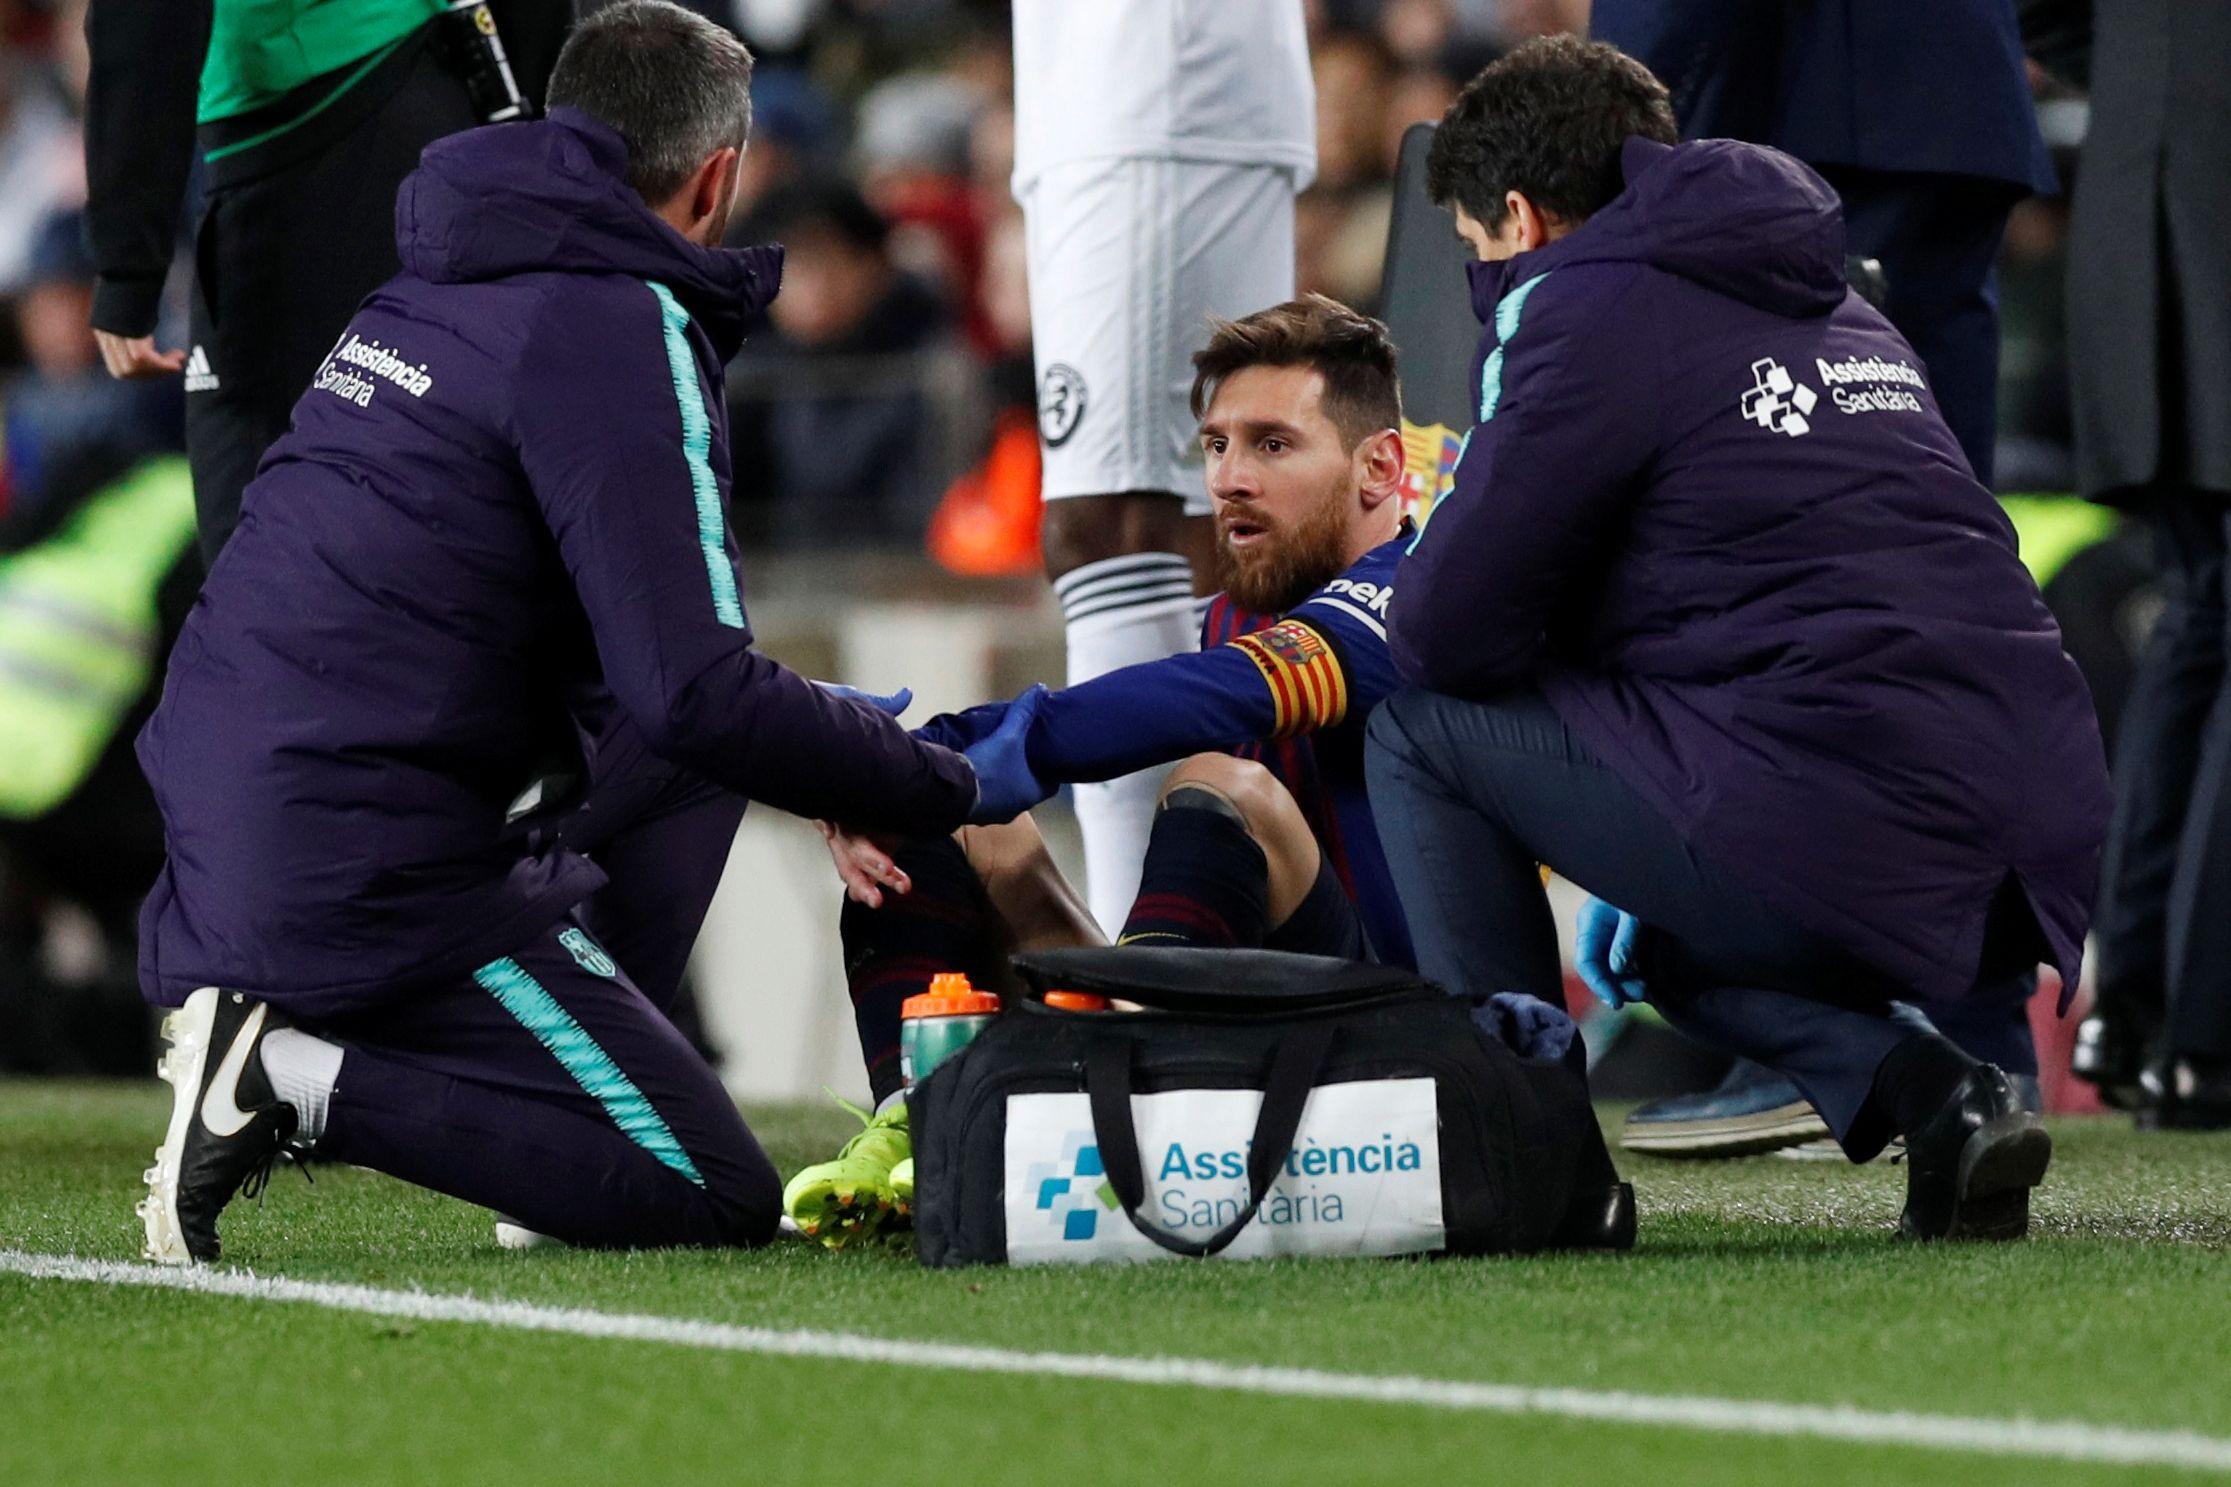 Tropeção do Barça: Os 'santos' valencianos derrubaram 'Deus' Messi